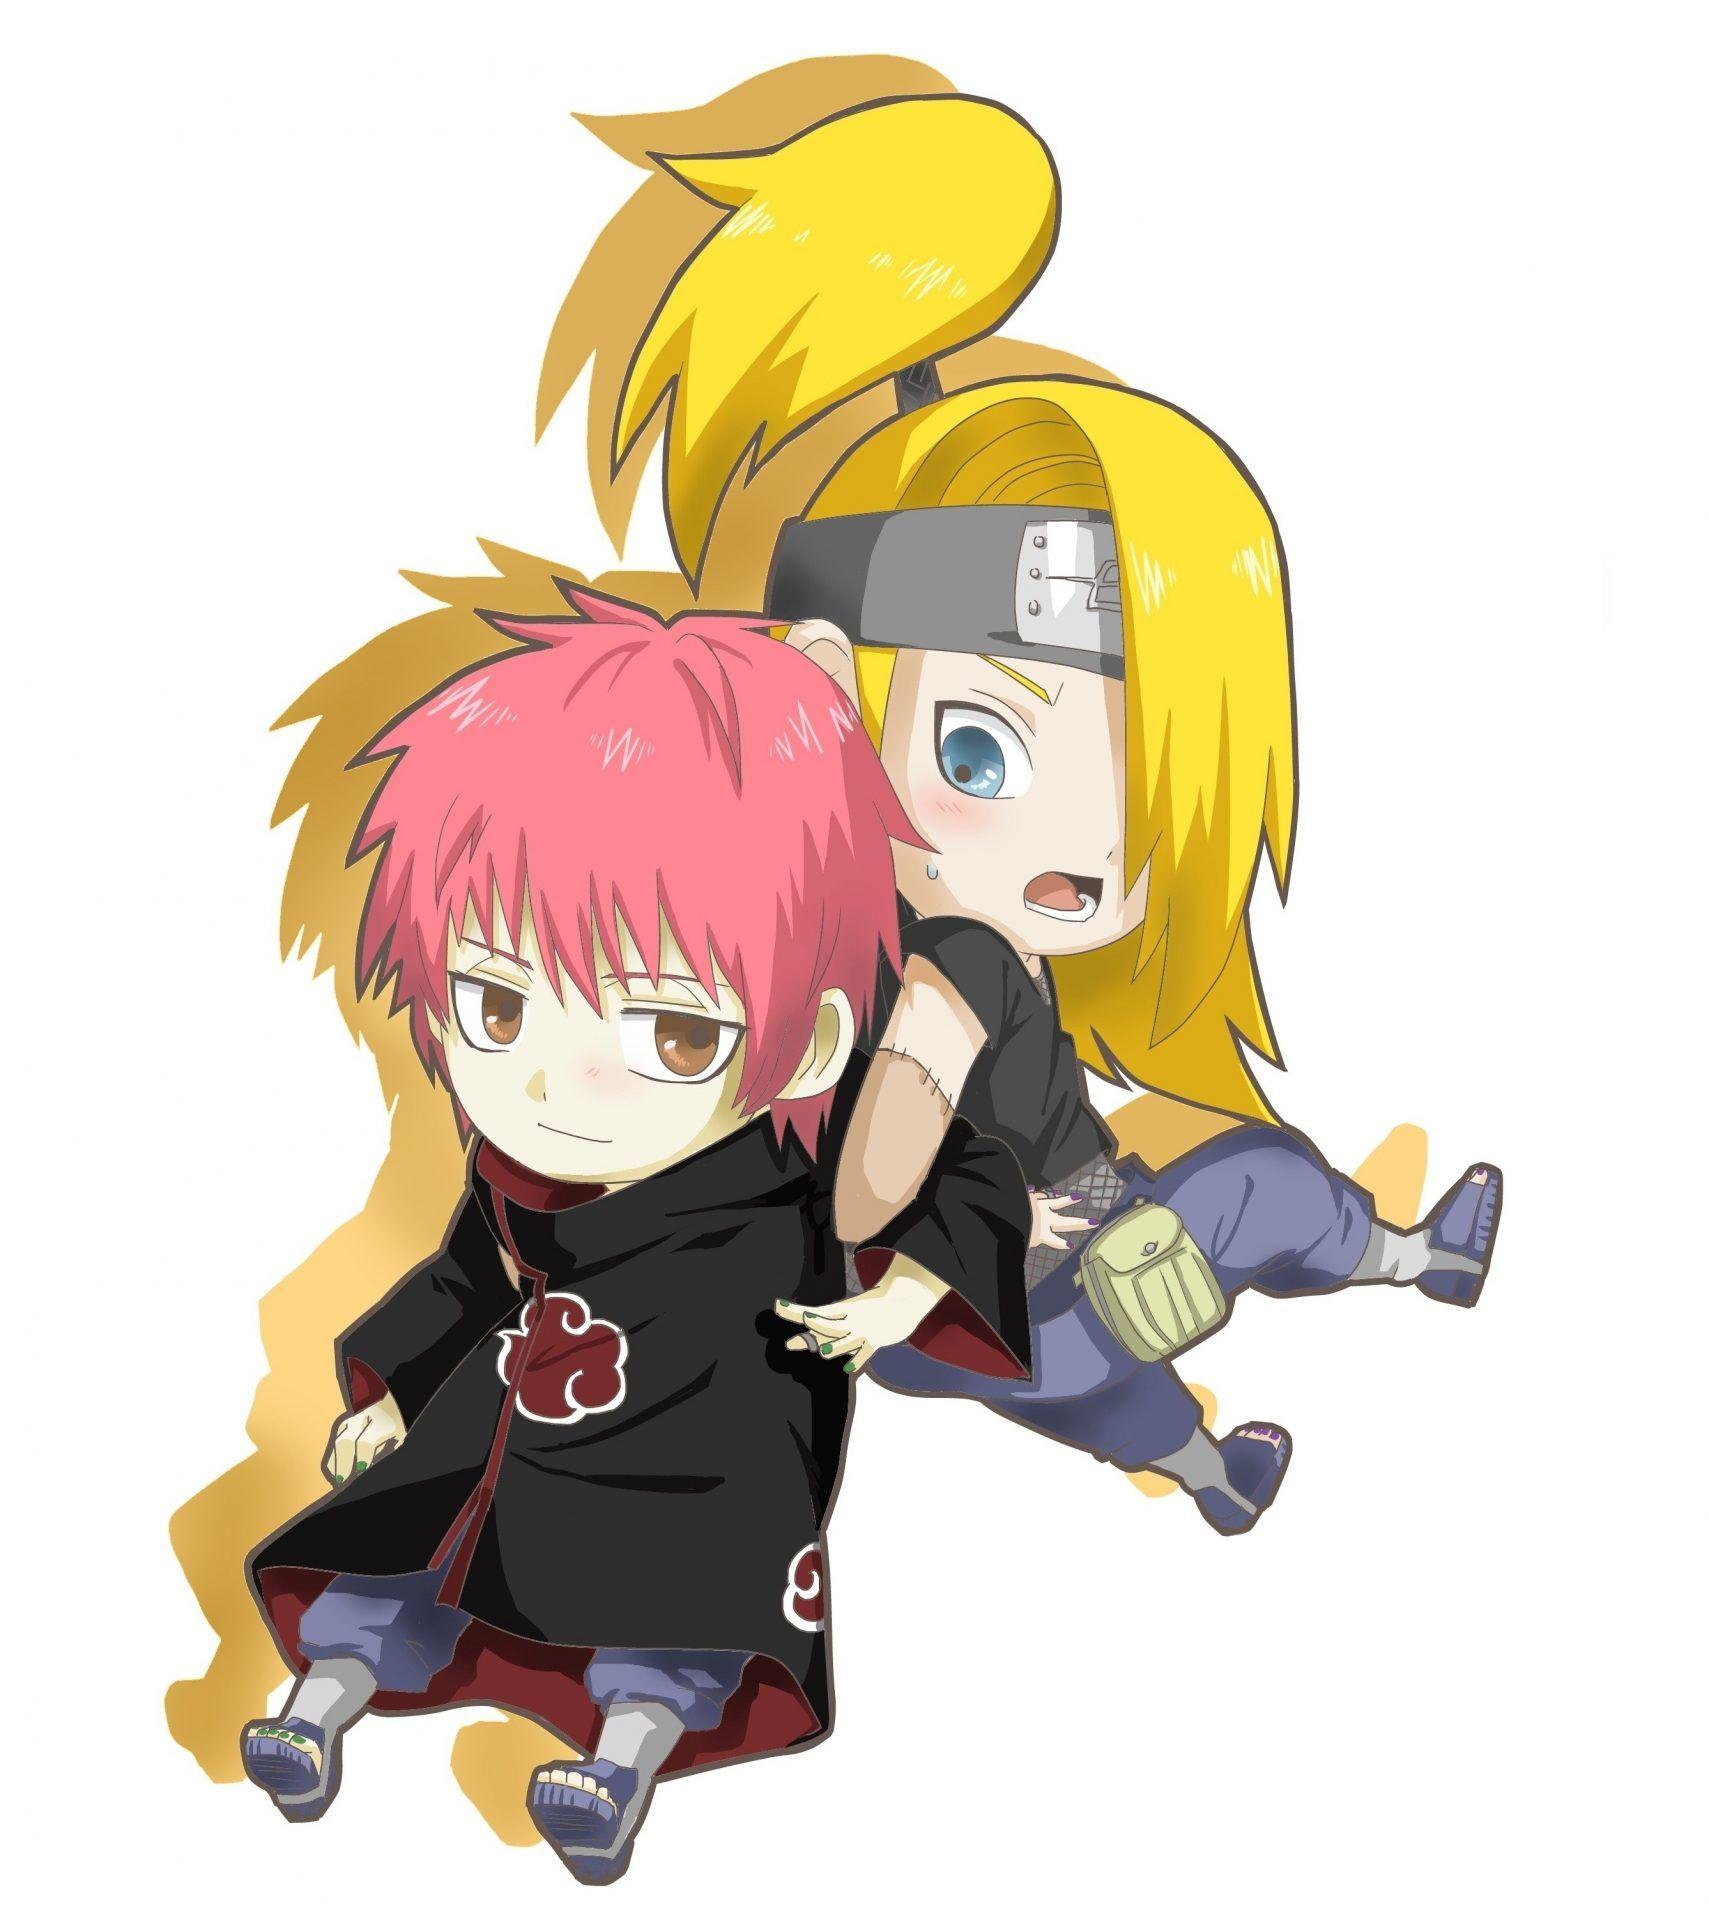 Tổng hợp những hình ảnh Naruto Chibi đẹp nhất trong 2020   Naruto, Hình ảnh,  Đang yêu